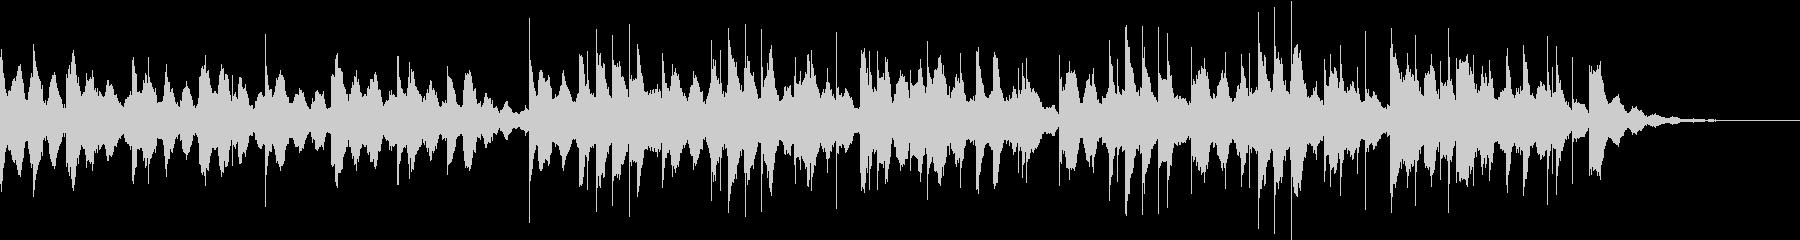 ショートサイズのラブレターBGMの未再生の波形